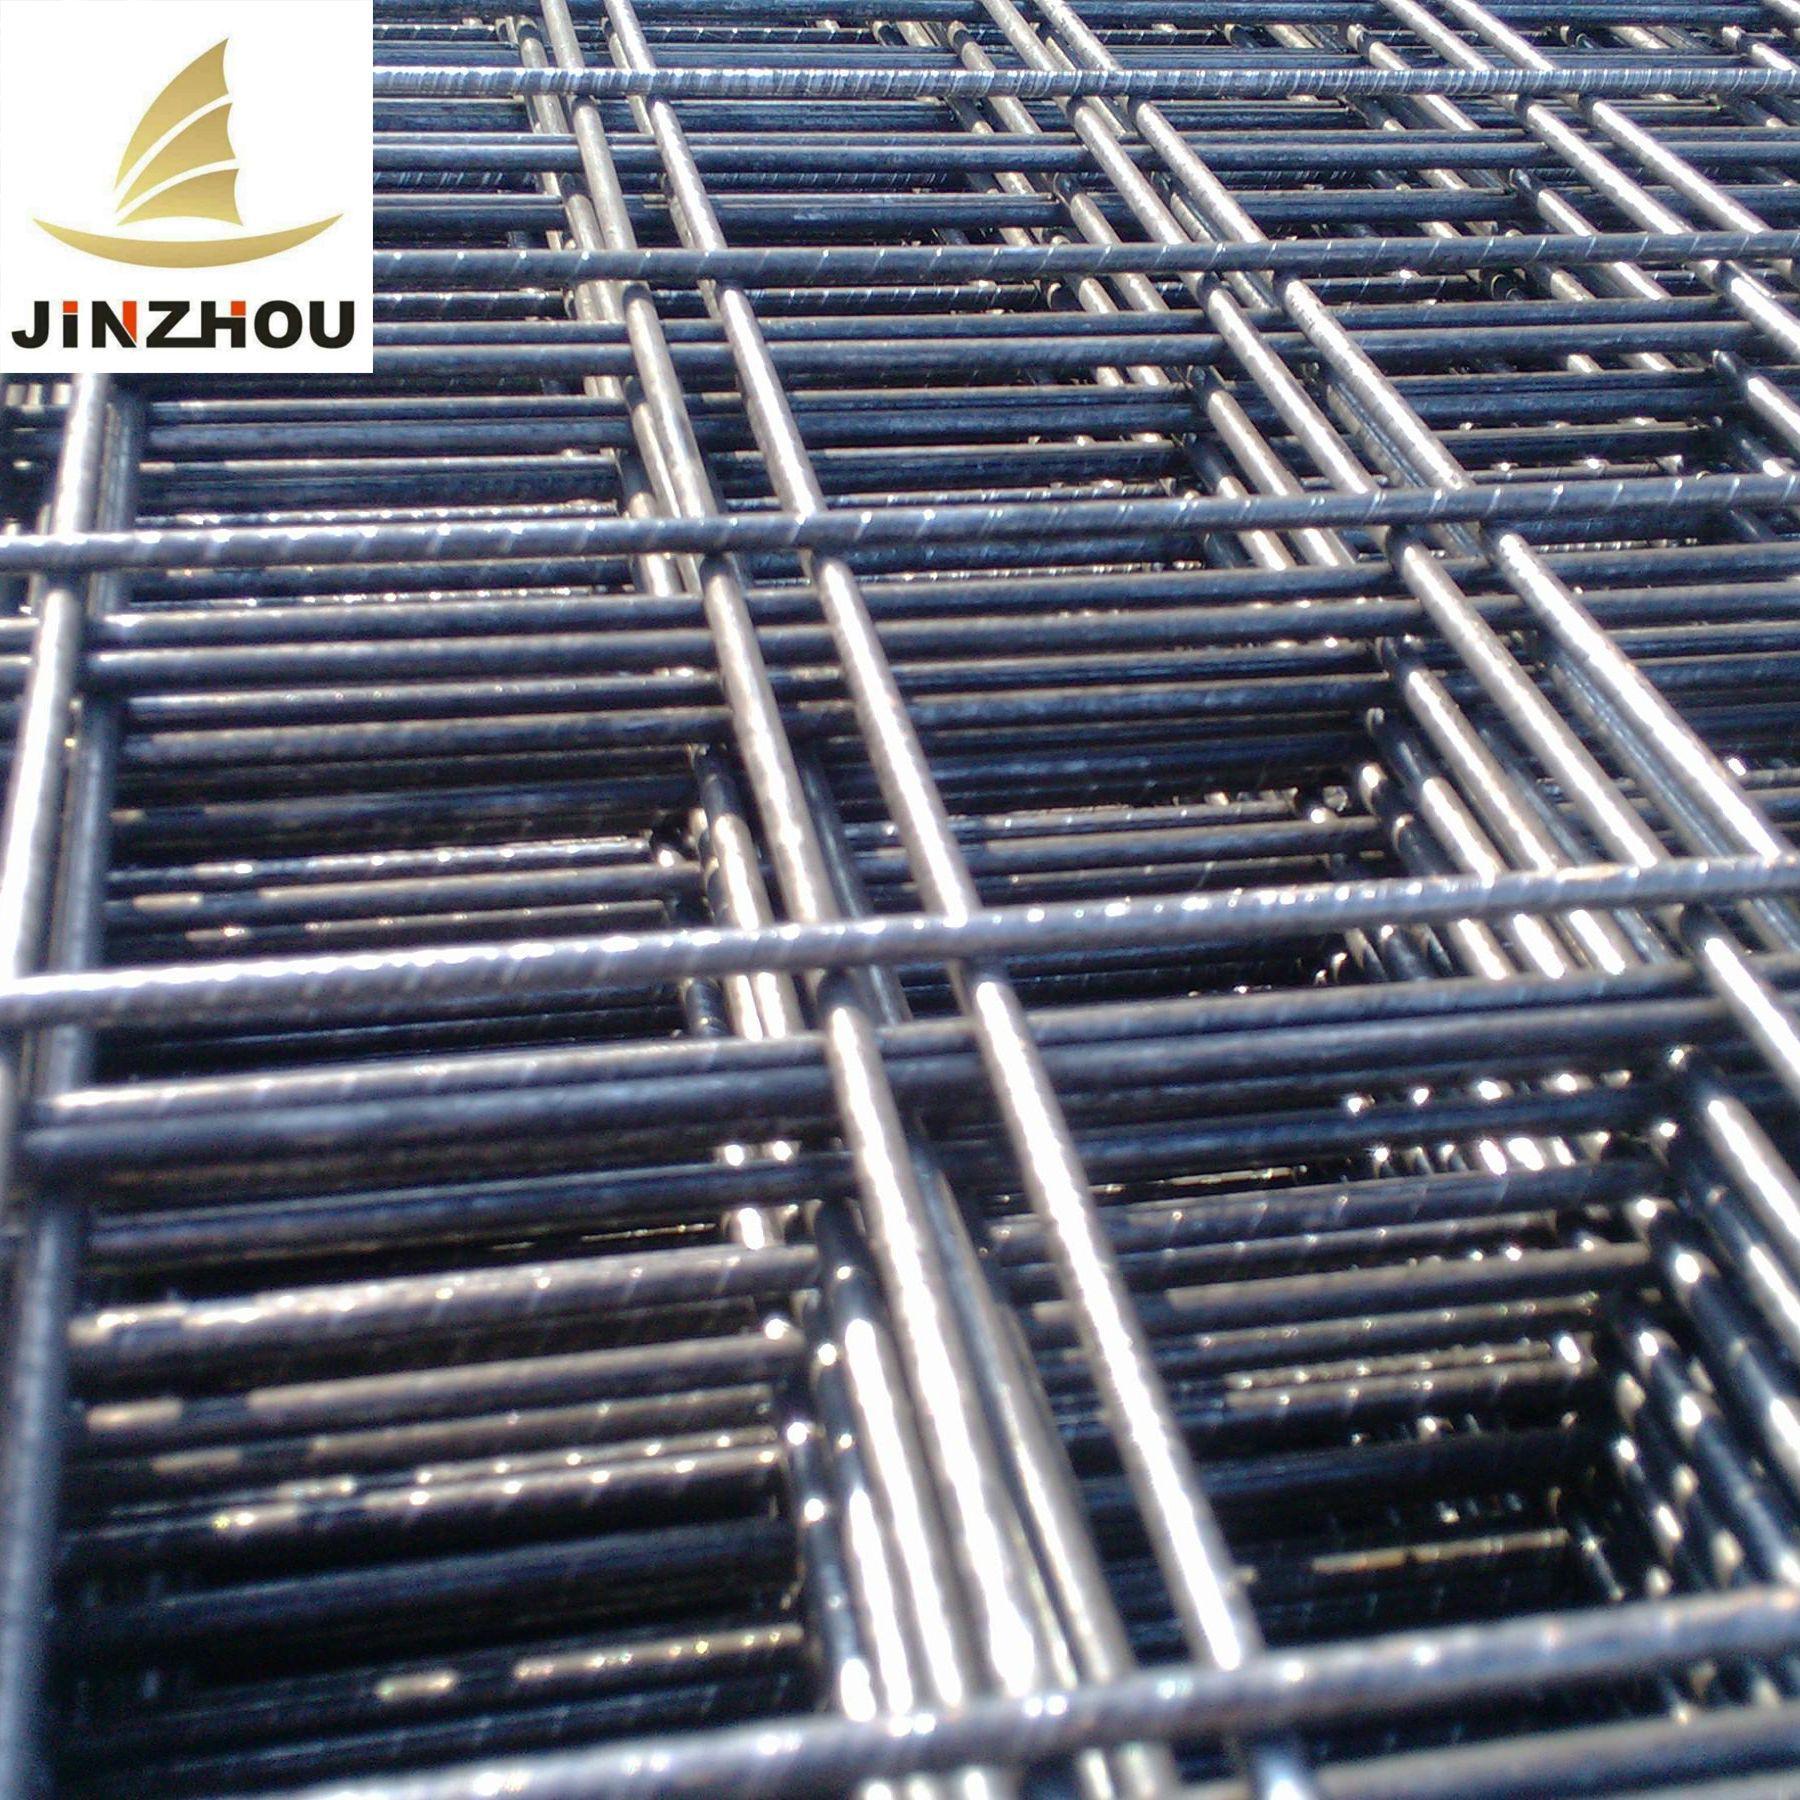 JINZHOU Lưới kim loại Đồng bằng dệt mặt bằng xây dựng lưới thép lưới mạ kẽm nhúng nóng mỏ than hỗ tr